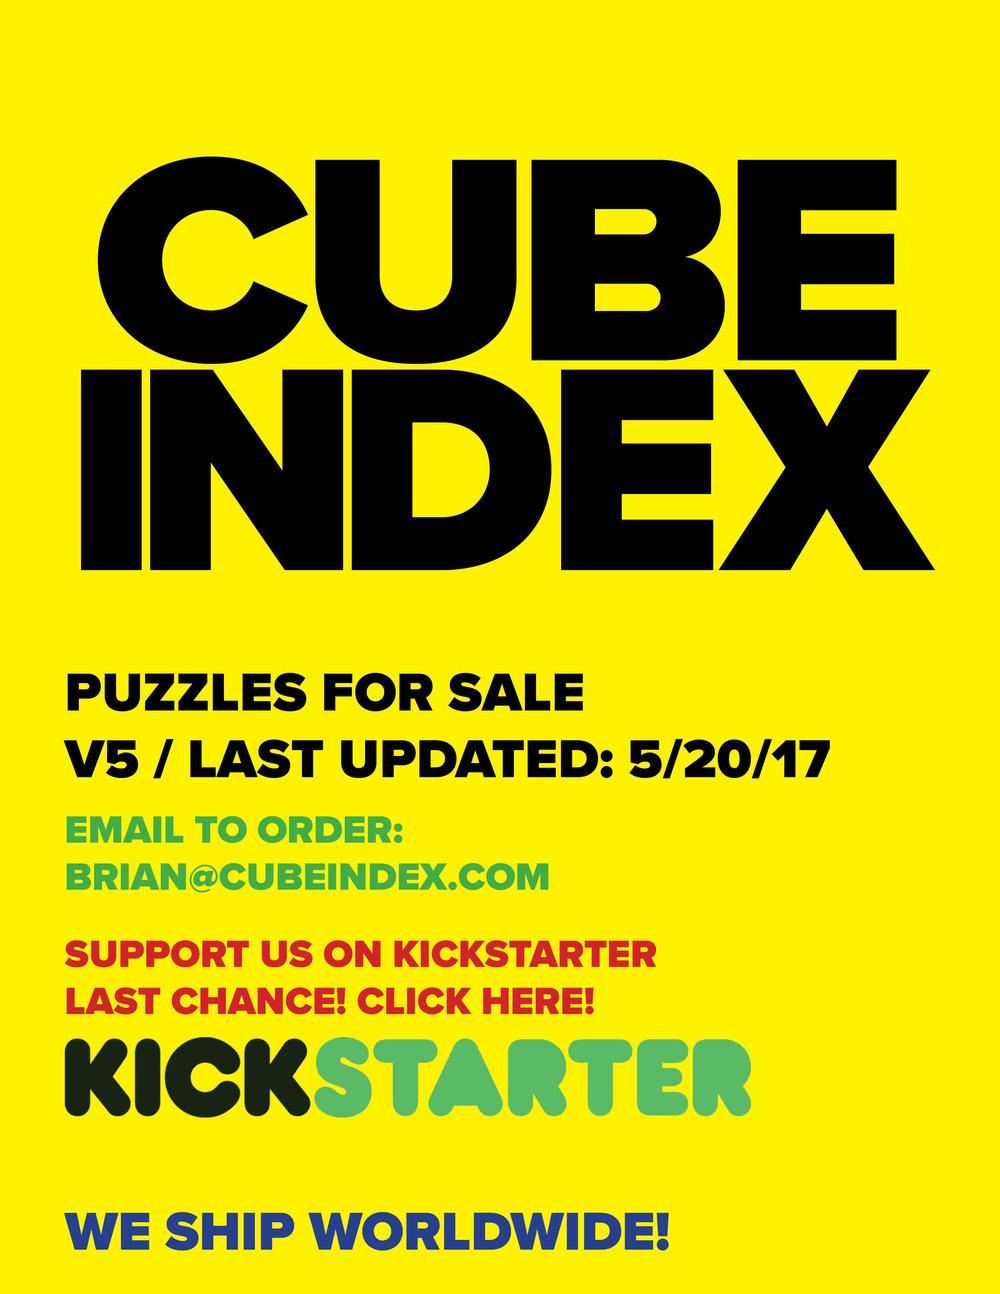 cube-index-for-sale-catalog-april-2017-v5.jpg